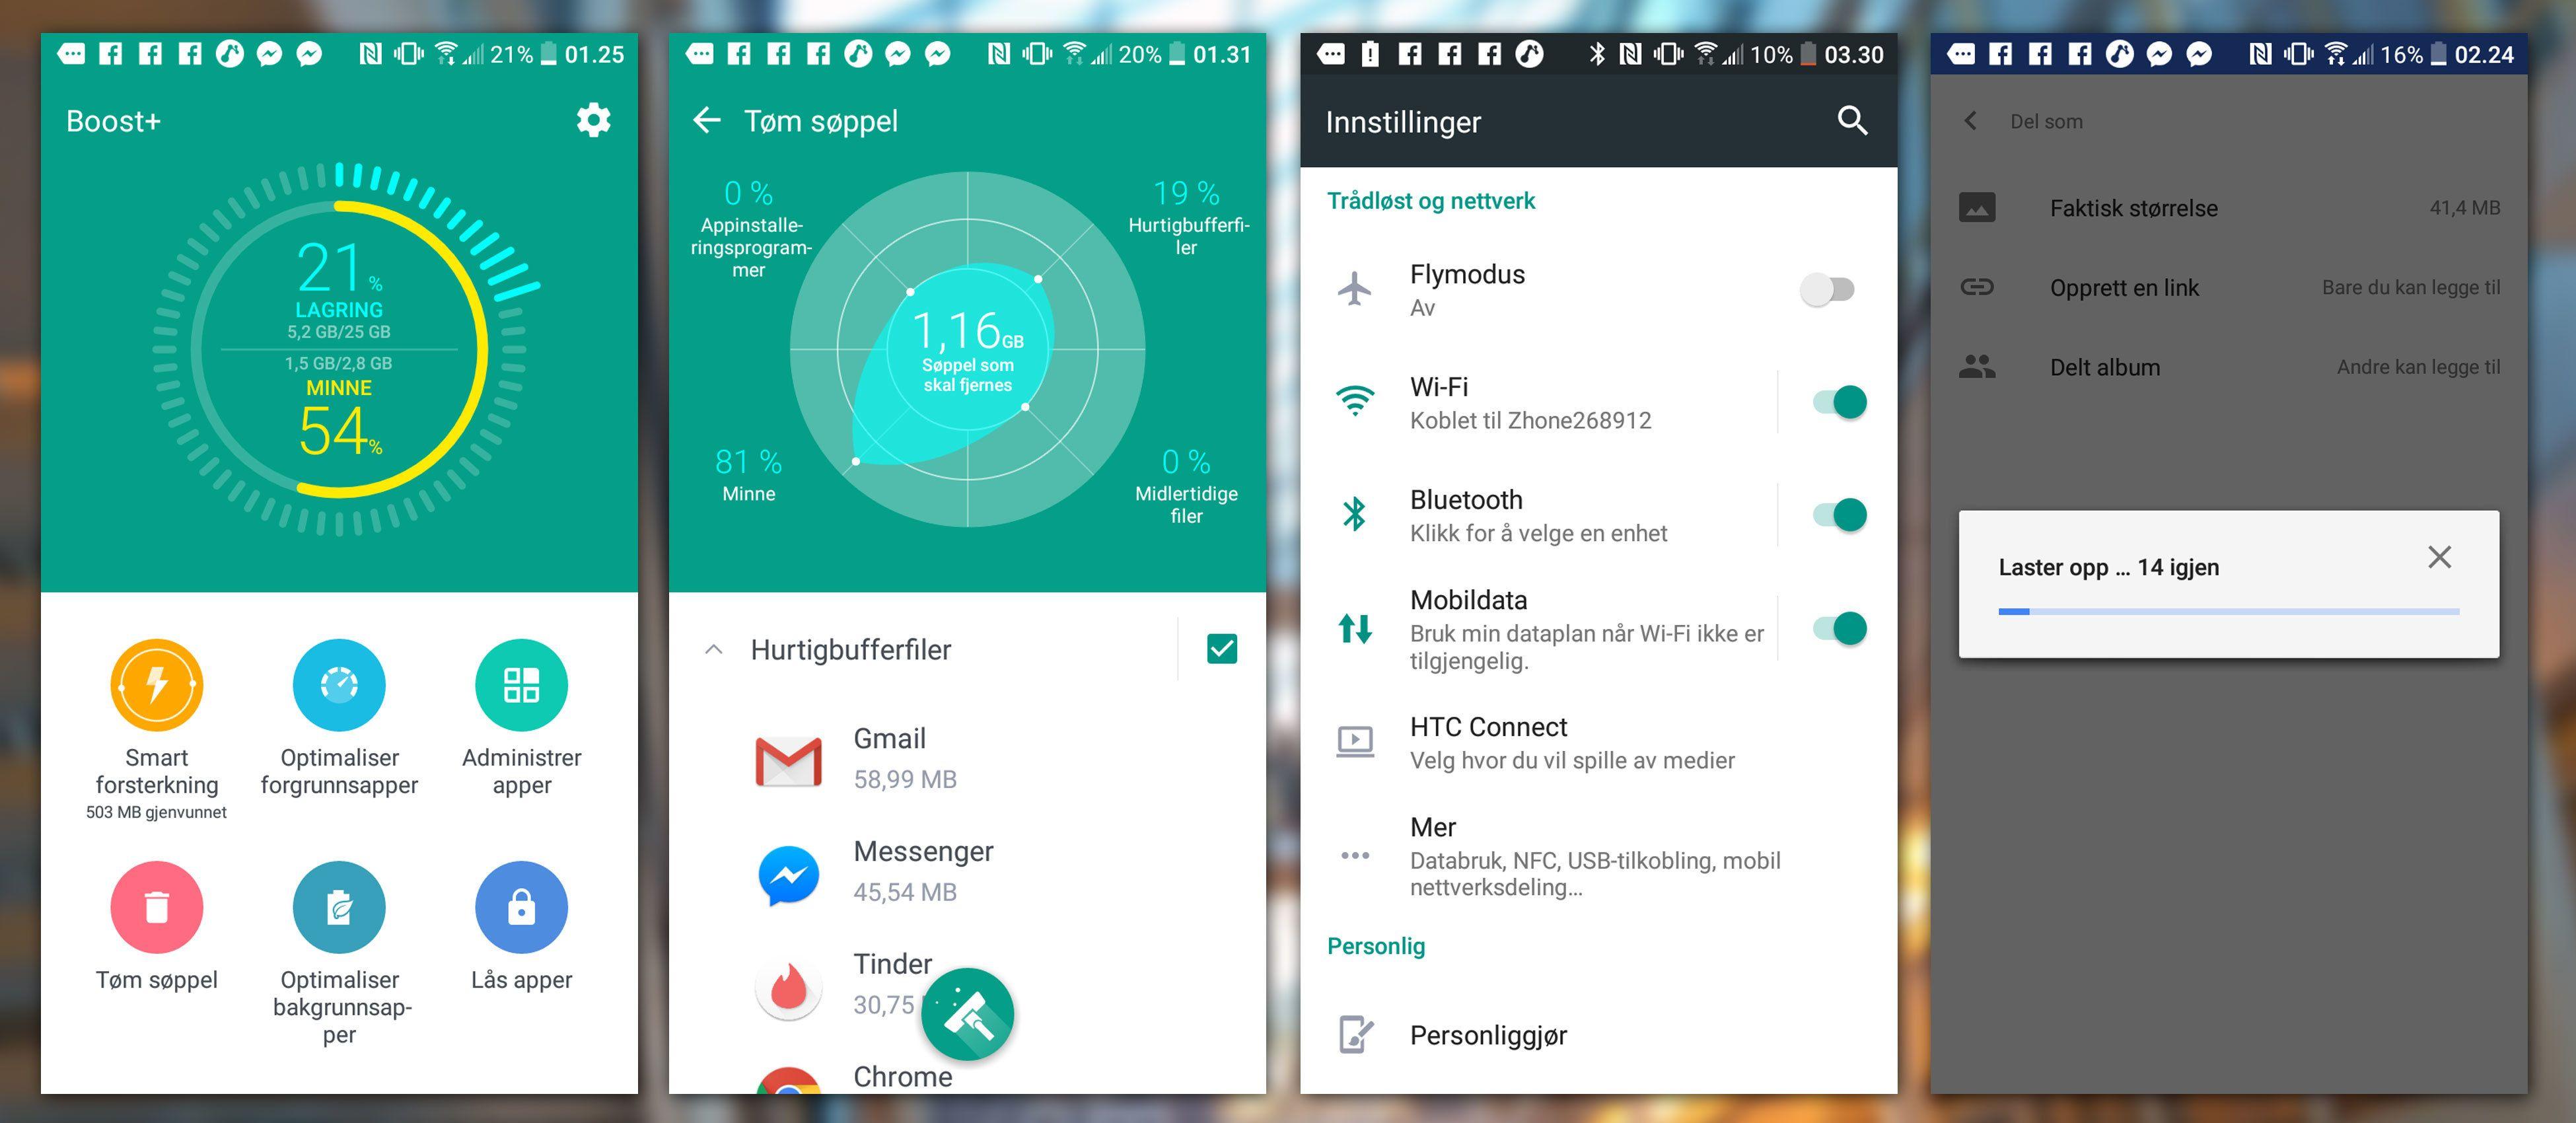 Boost+ er en super app, og vi liker også at du kan dele en link med filer (høyre).